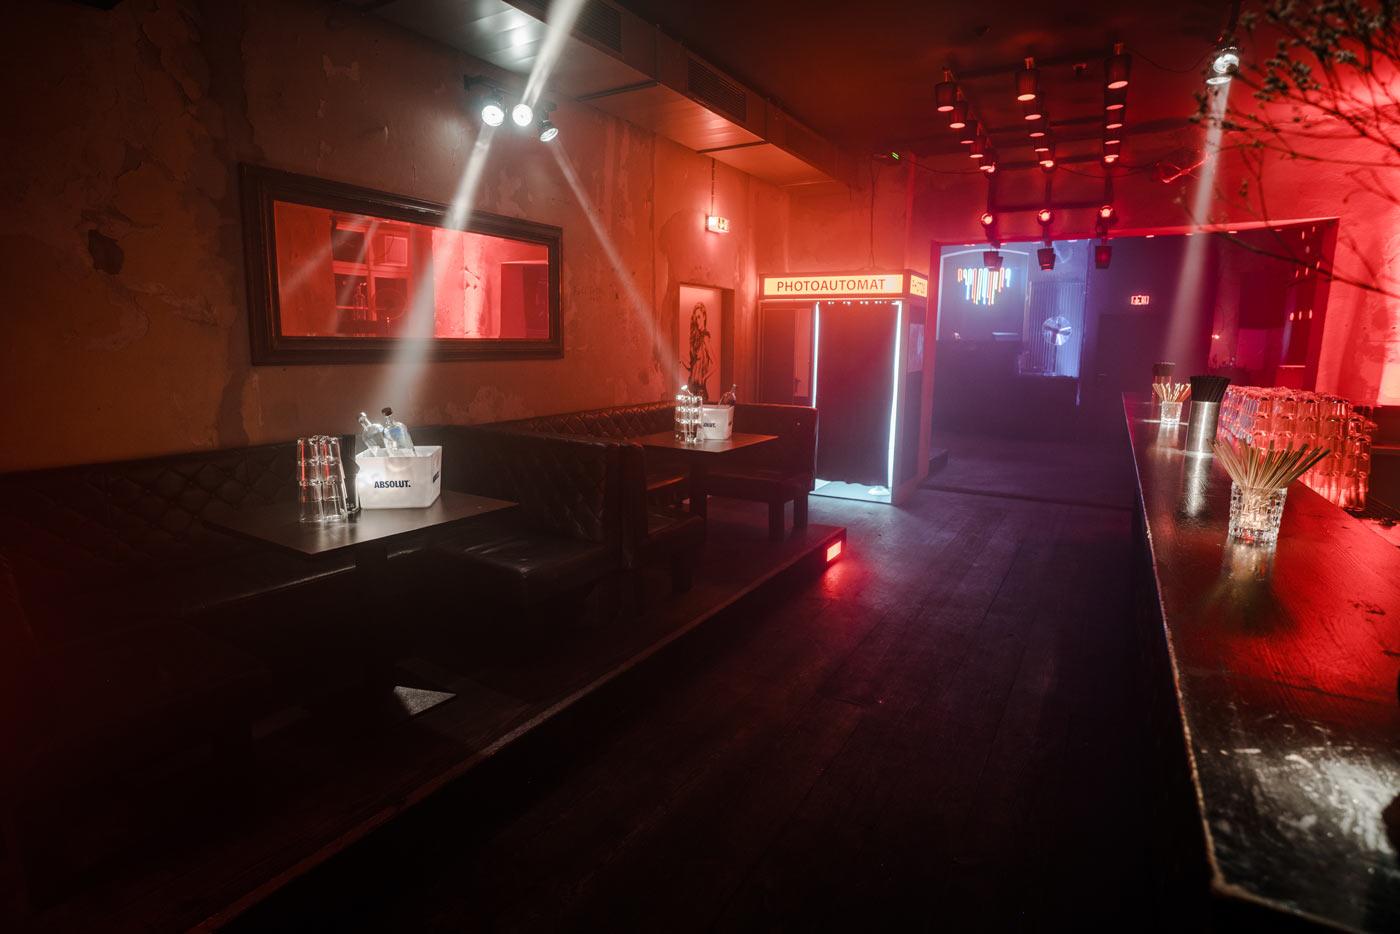 club am alexanderplatz mieten hochwertige bar mit tanzfl che. Black Bedroom Furniture Sets. Home Design Ideas